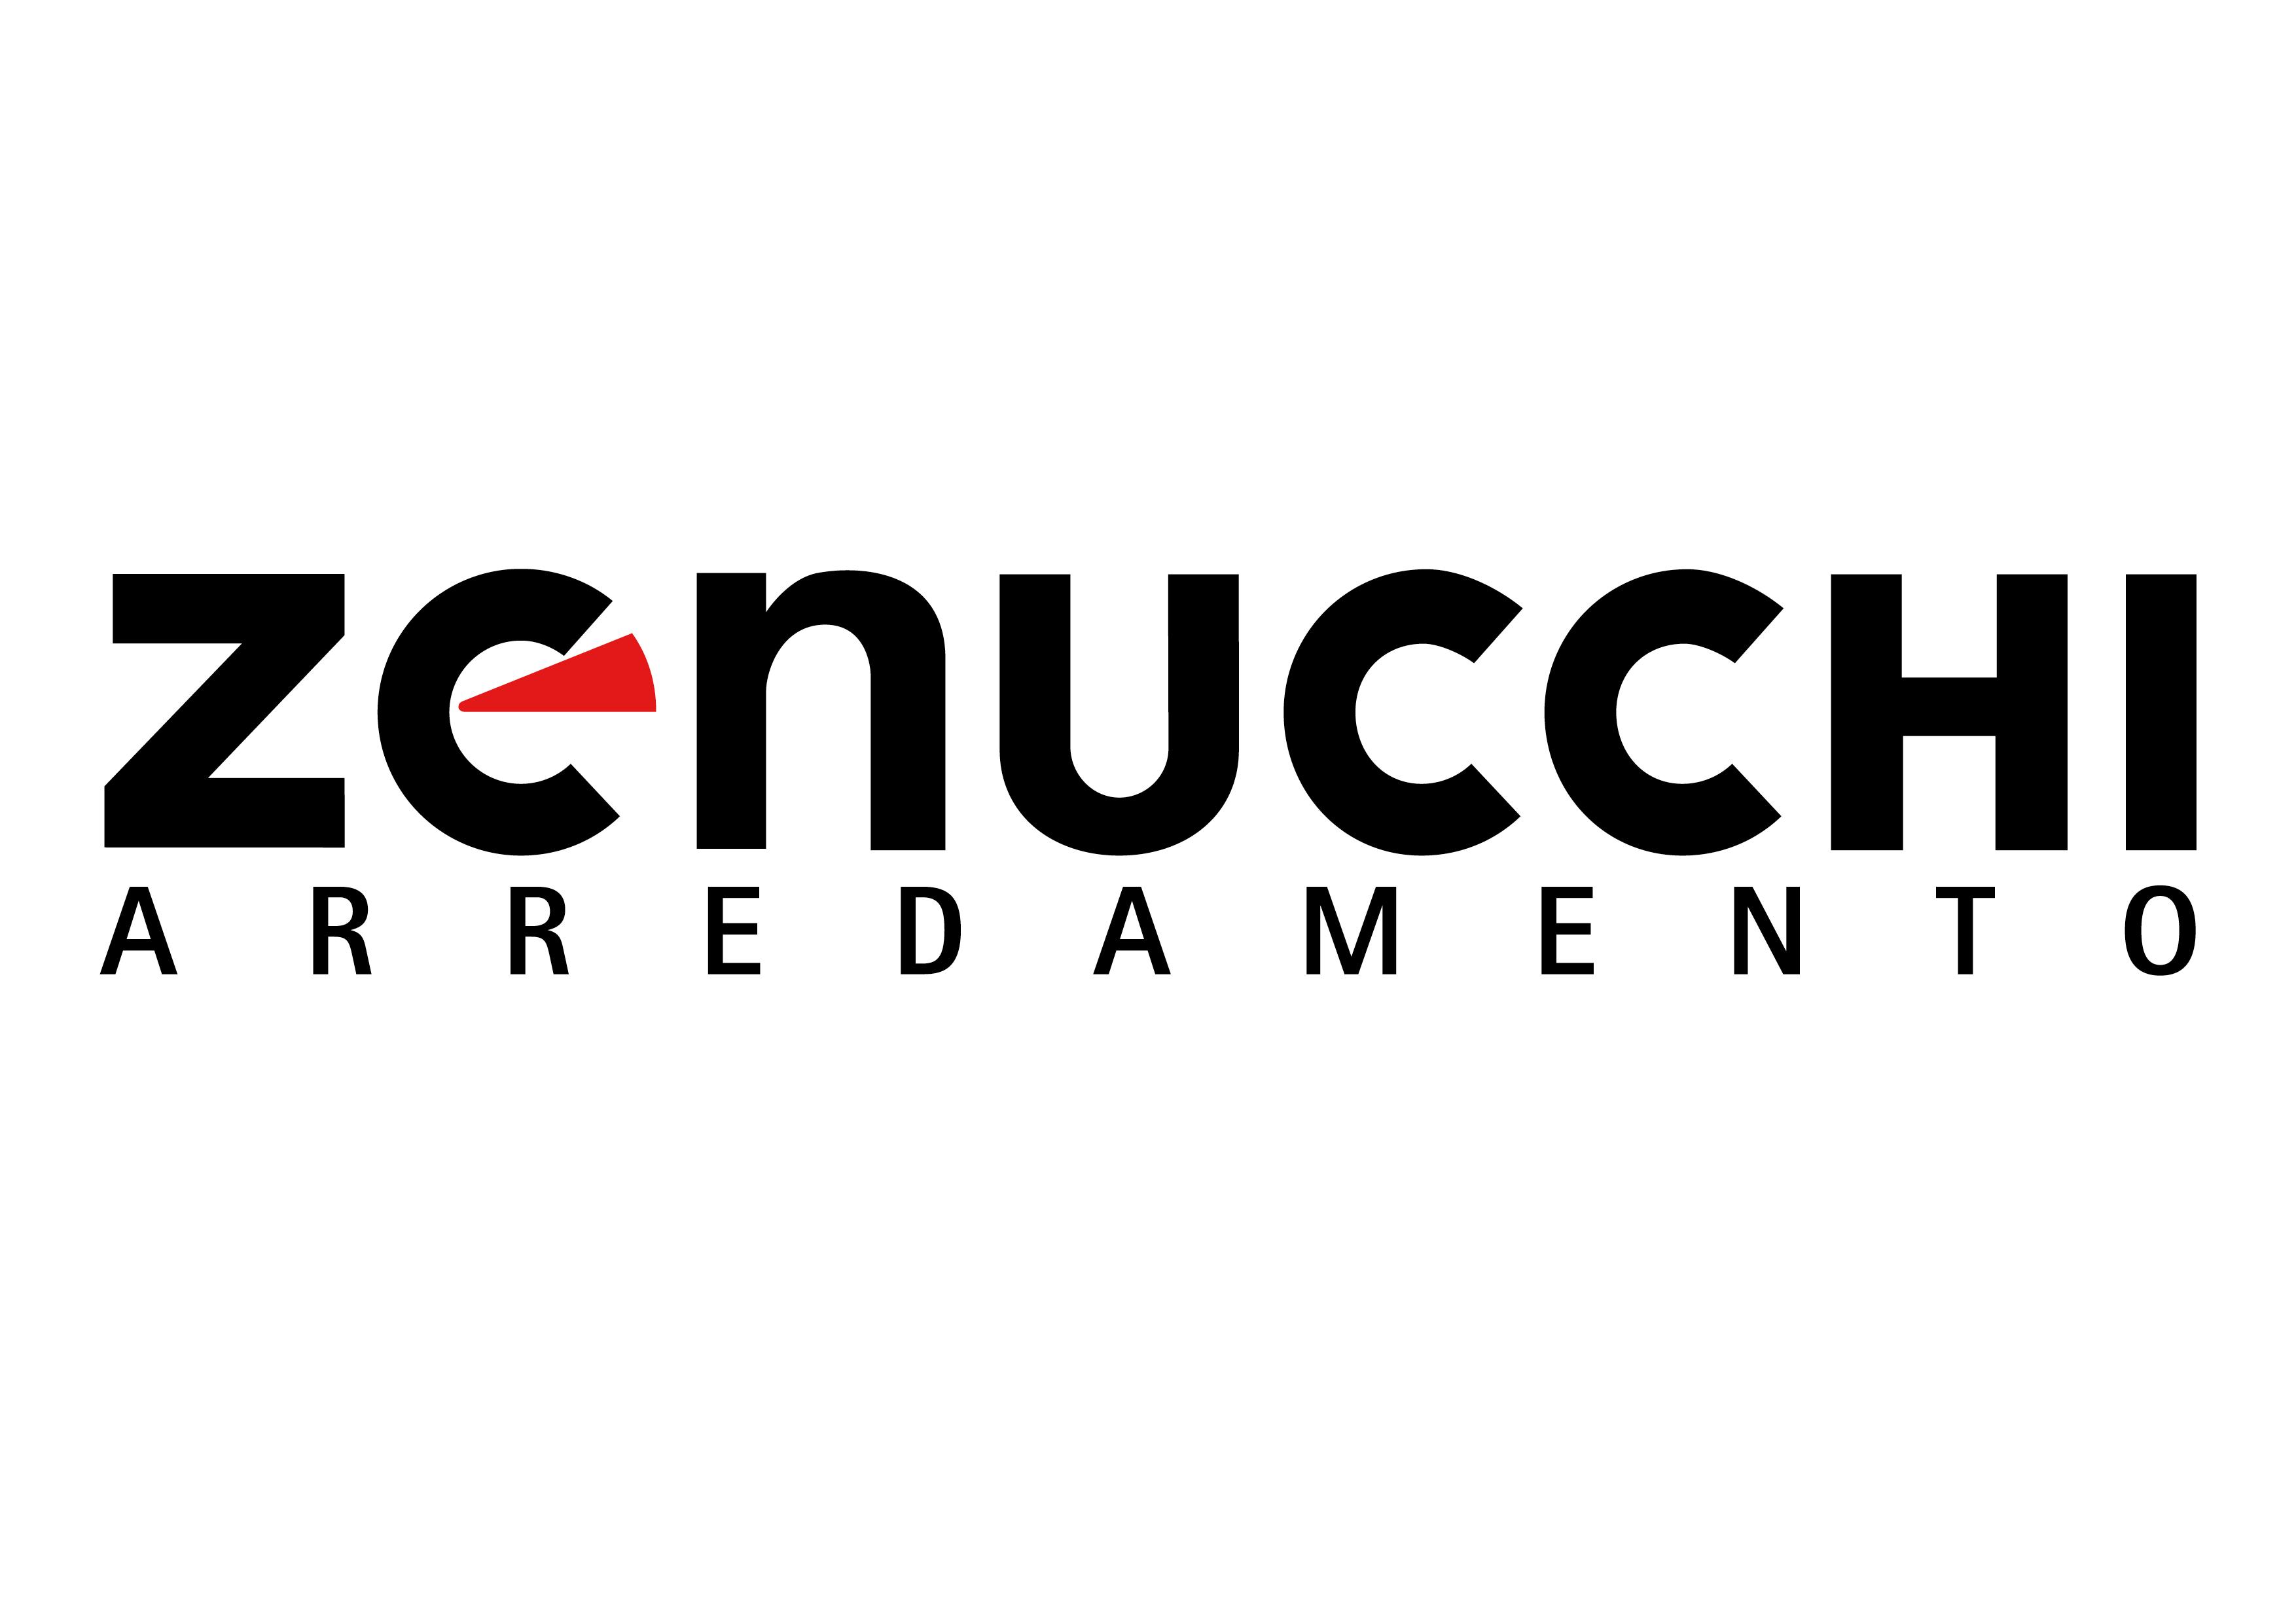 Zenucchi Arredamento